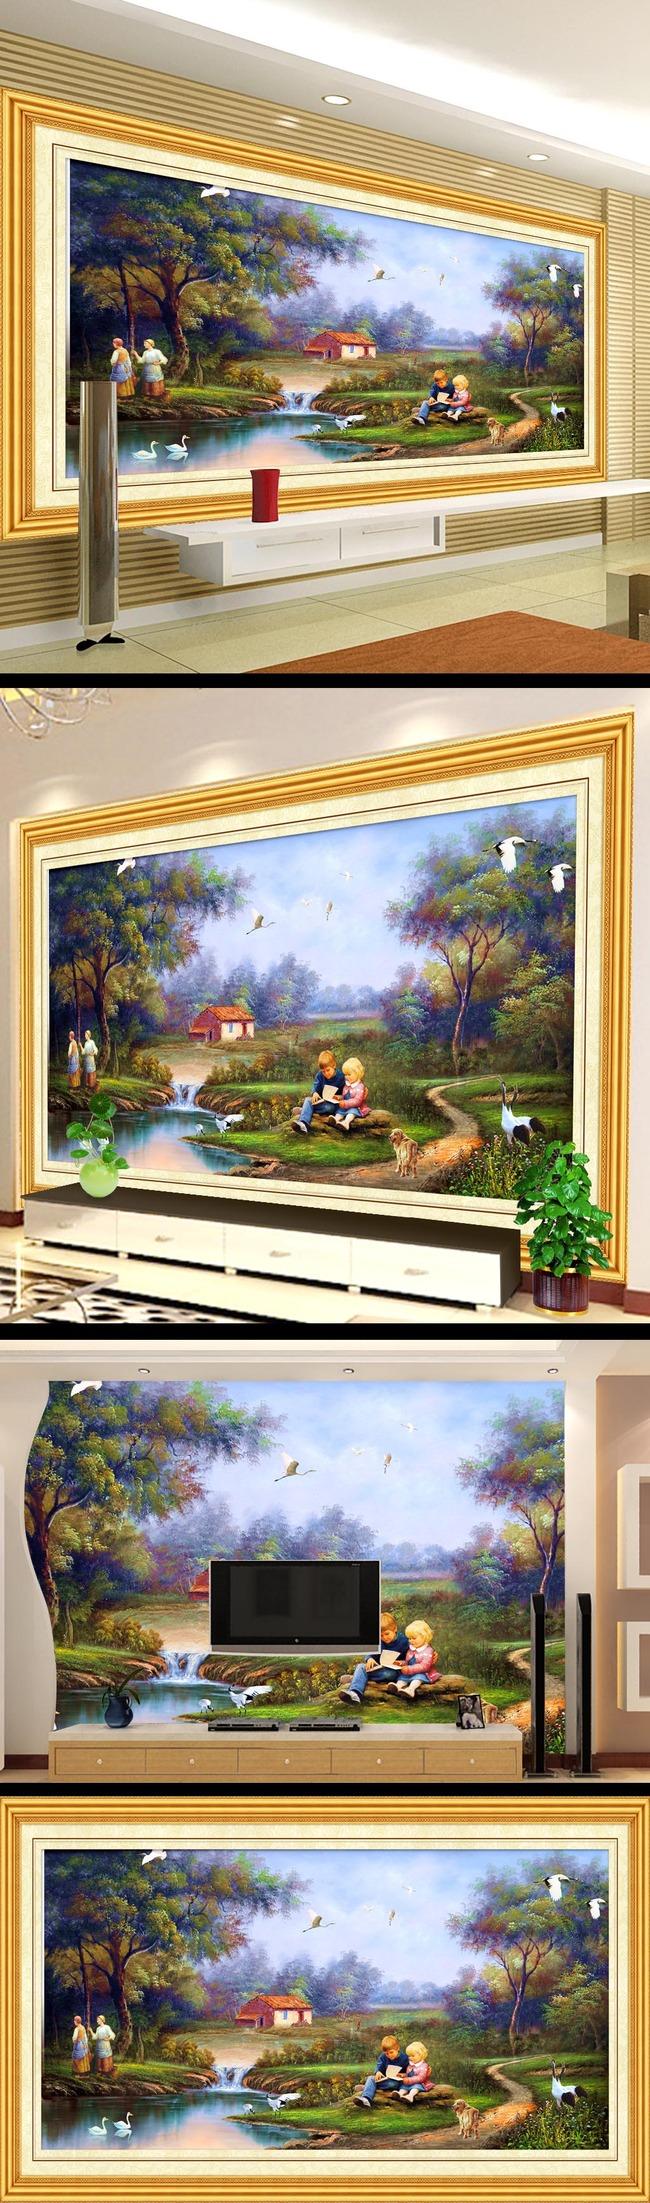 【】树林小溪风景画电视墙设计